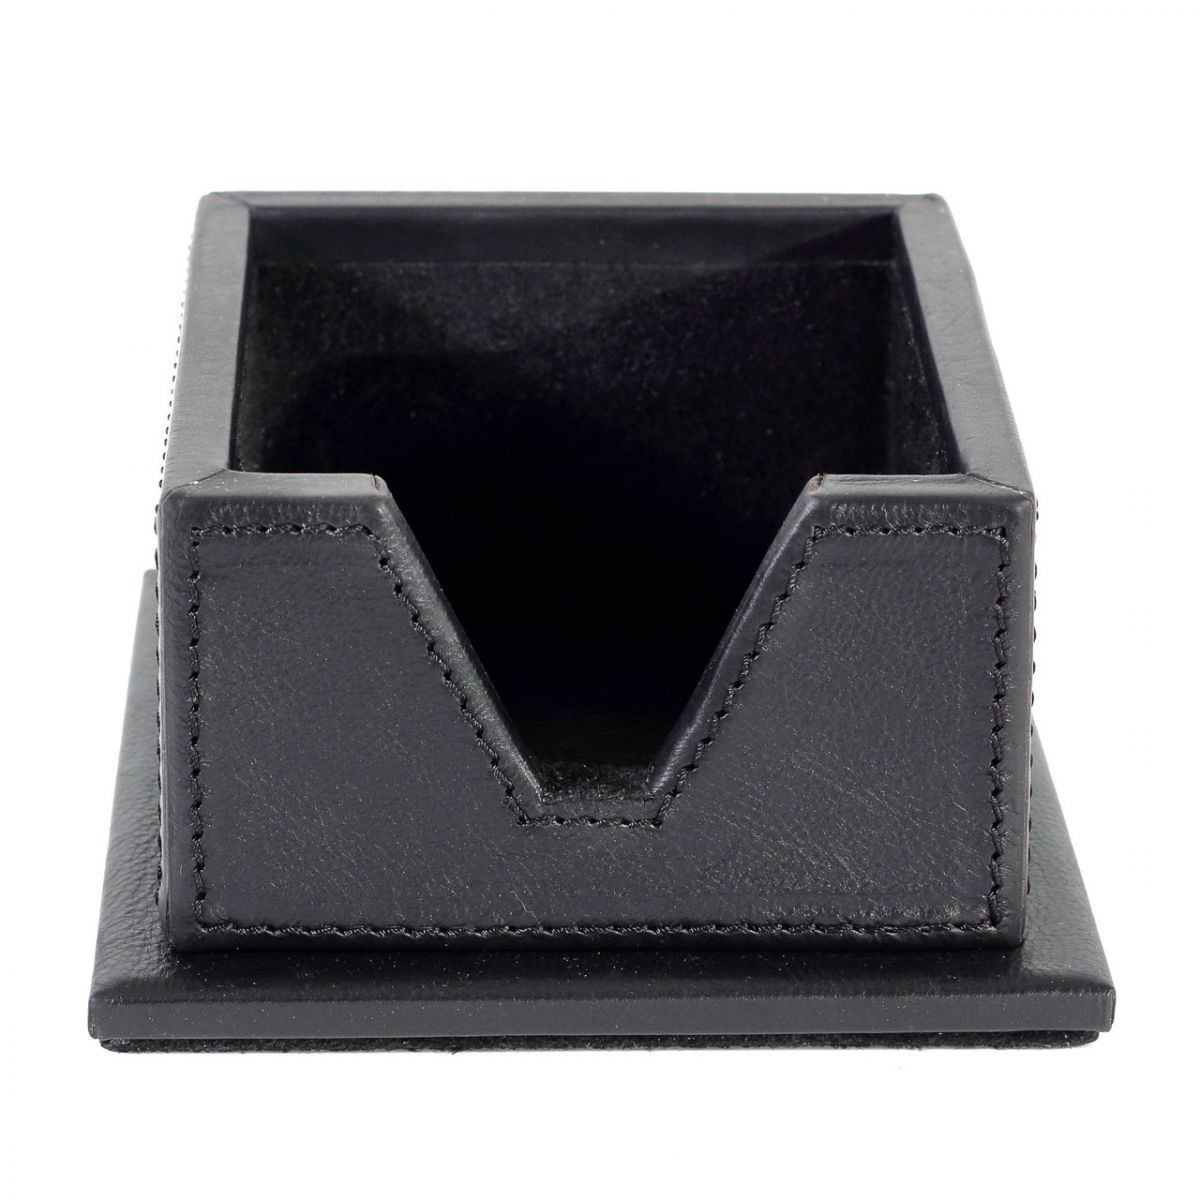 Подставка для бумажного блока | Под заказ | Арт. 103-07-01